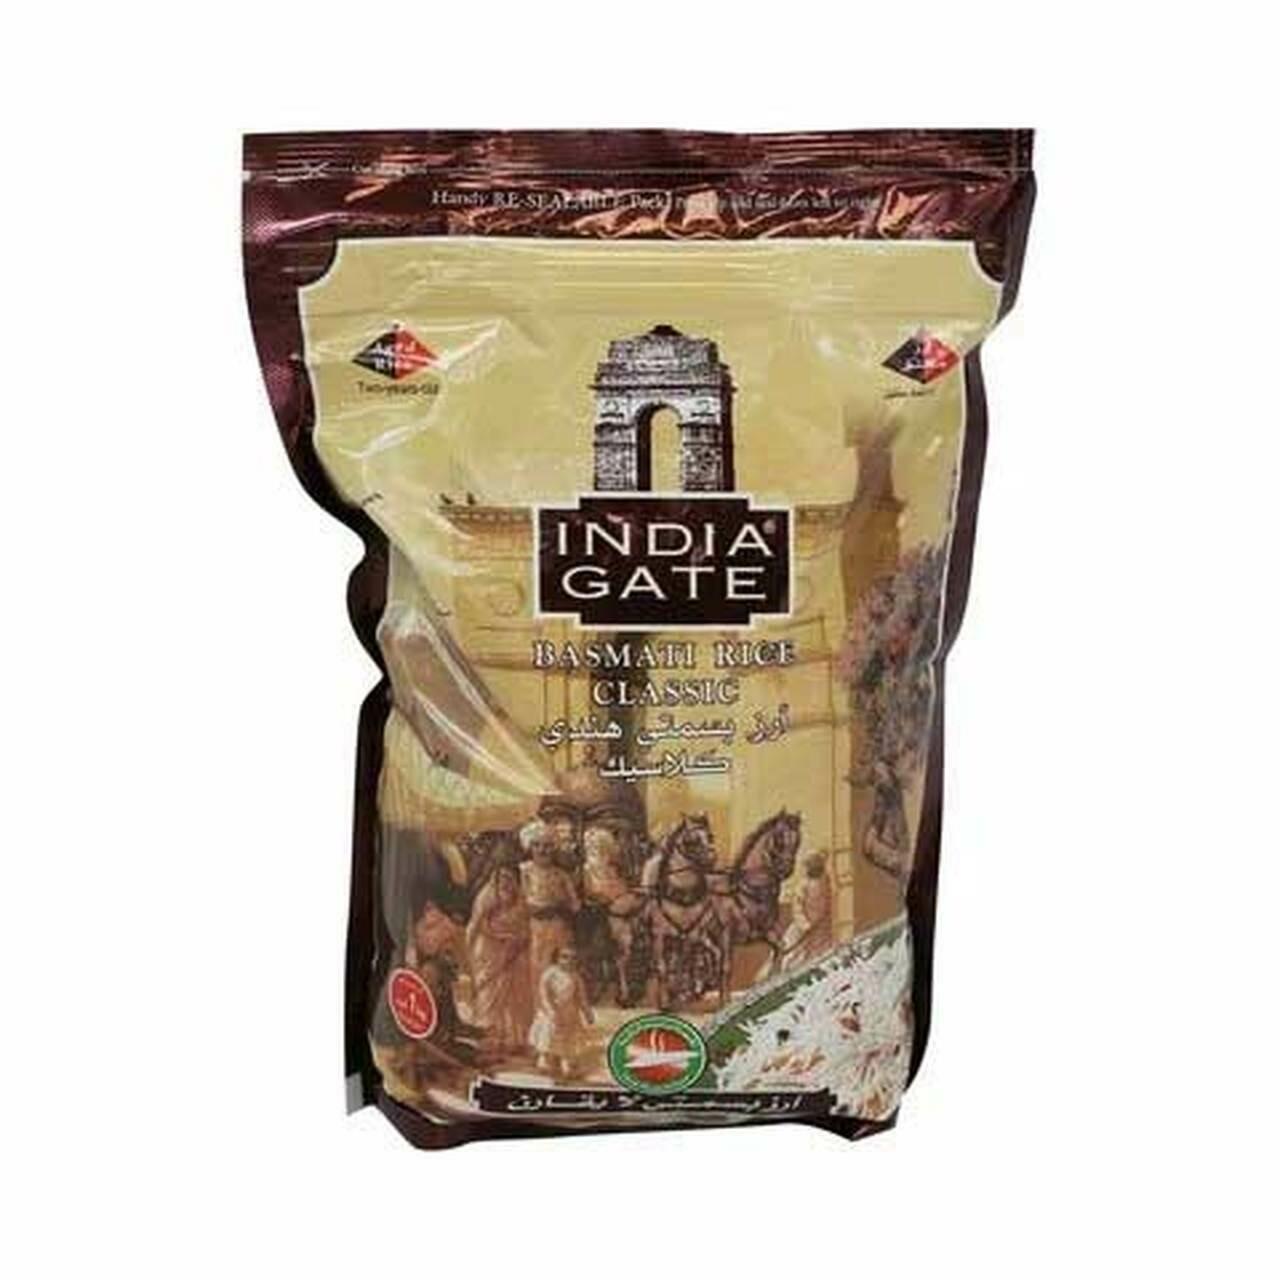 INDIA GATE CLASSIC RICE 1KG